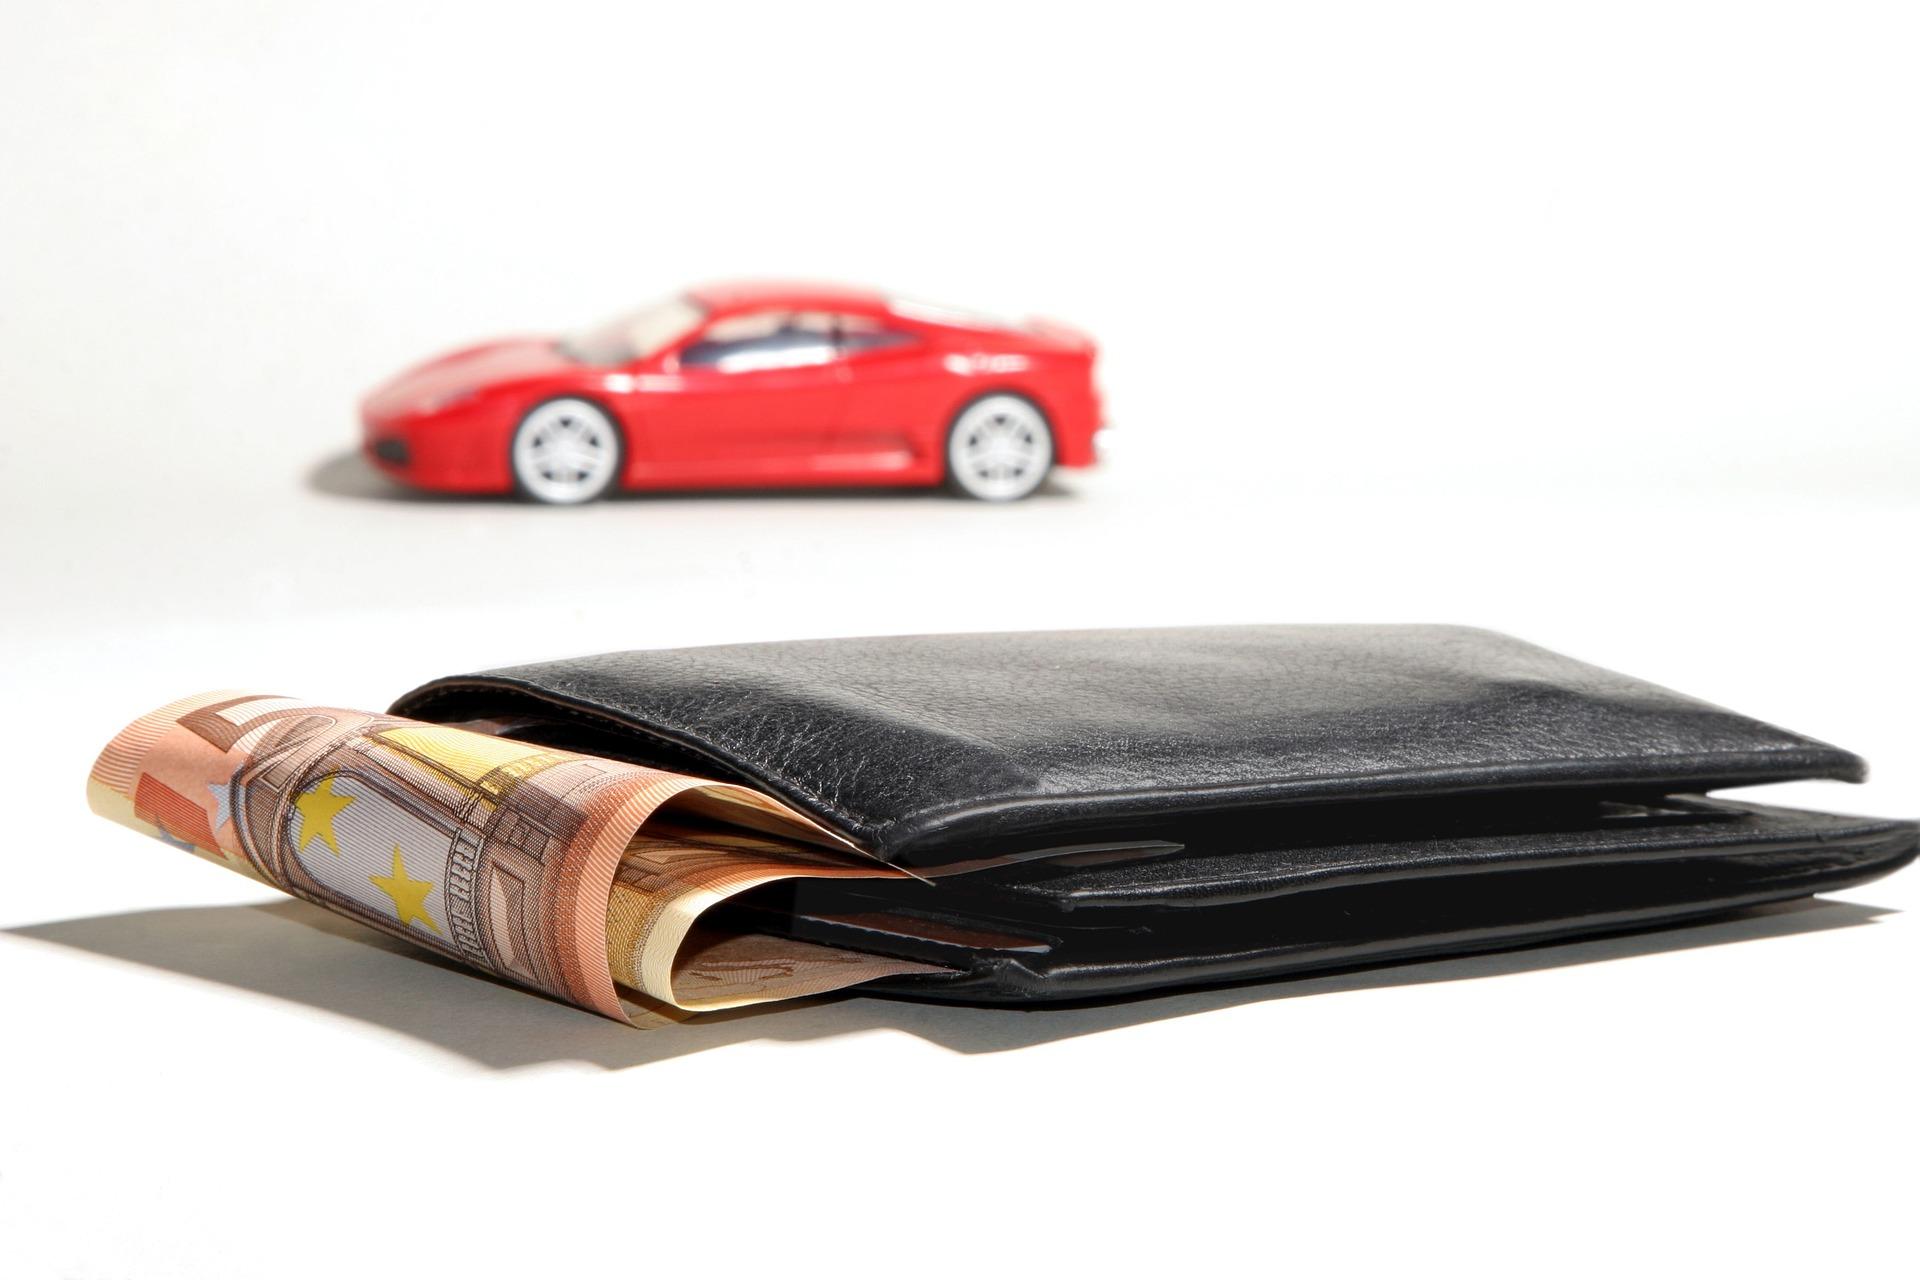 Finanziamento con calcolatore di leasing